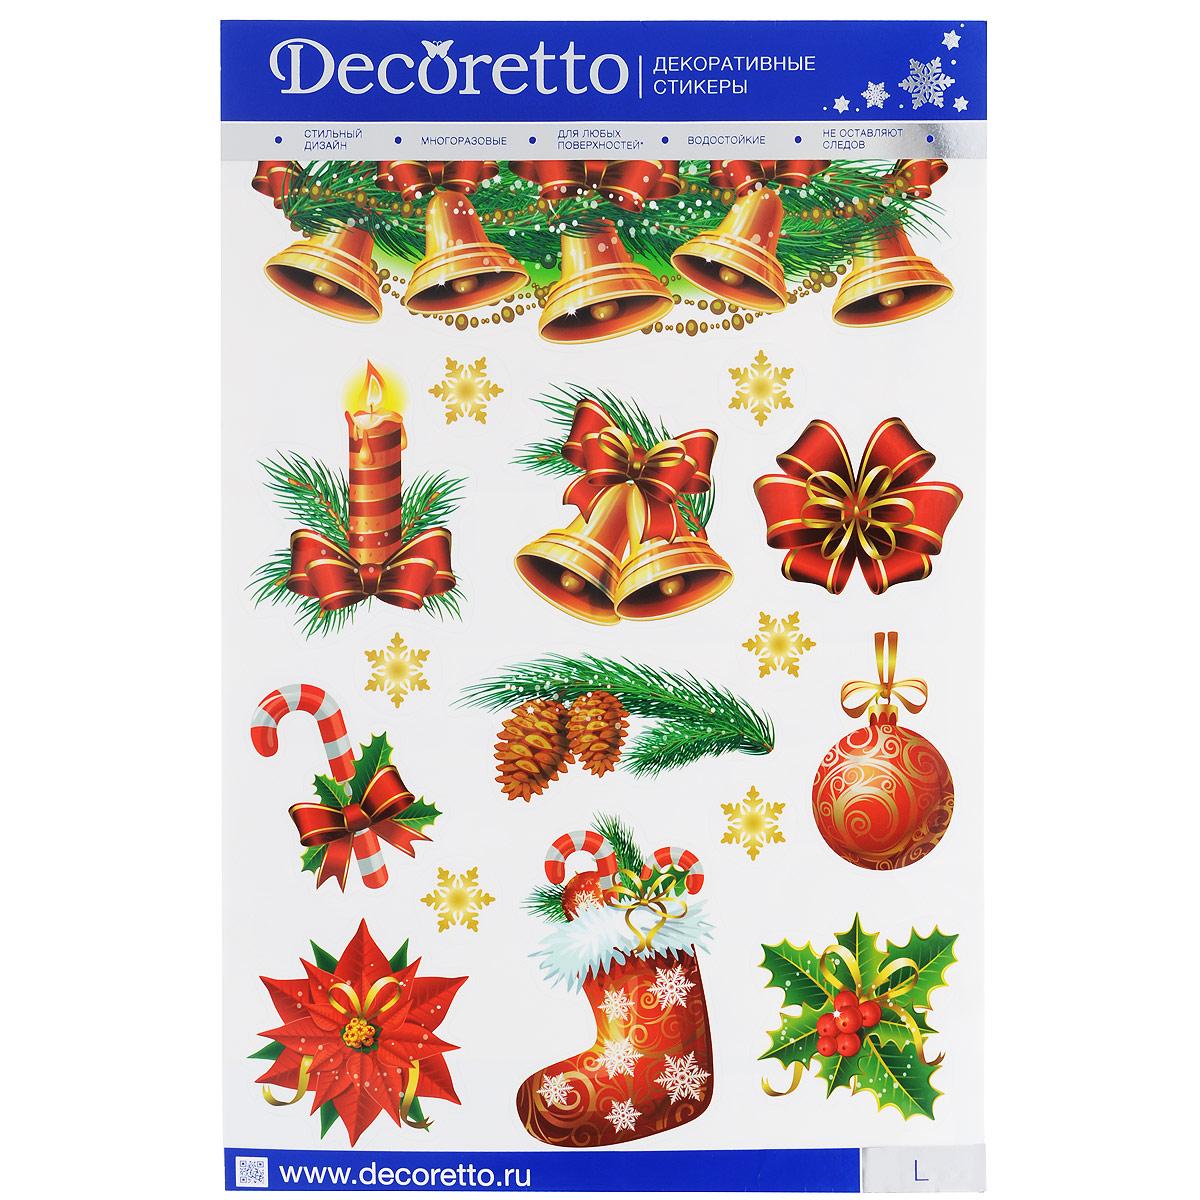 Украшение для стен и предметов интерьера Decoretto Рождественский вечер, 16 шт. NI 4001KI 5003Наклейки для интерьера Decoretto Рождественский вечер помогут вам украситьлюбую комнату. Украшение состоит из 16 самоклеющихся элементов в виде растяжкииз колокольчиков, веточки ели, елочных украшений, рождественского носка. Этоукрашение поможет вам разнообразить интерьер вашего дома и проявитьиндивидуальность. Наклейки идеально подойдут для детской комнаты. НаклейкиDecoretto превратят любой интерьер в новогоднюю сказку.Преимущества украшений Decoretto:съемные и многоразовые; безопасны для окрашенных стен; нетоксичный, экологически чистый материал; водостойкие; держатся на поверхности не менее 3 лет.Decoretto - уникальный способ легко и быстро оживить интерьер, добавить в негоуют и радость. Для вас открываются безграничные возможности проявитьтворчество и фантазию, придумать оригинальный дизайн, придать новый вид стенами мебели.